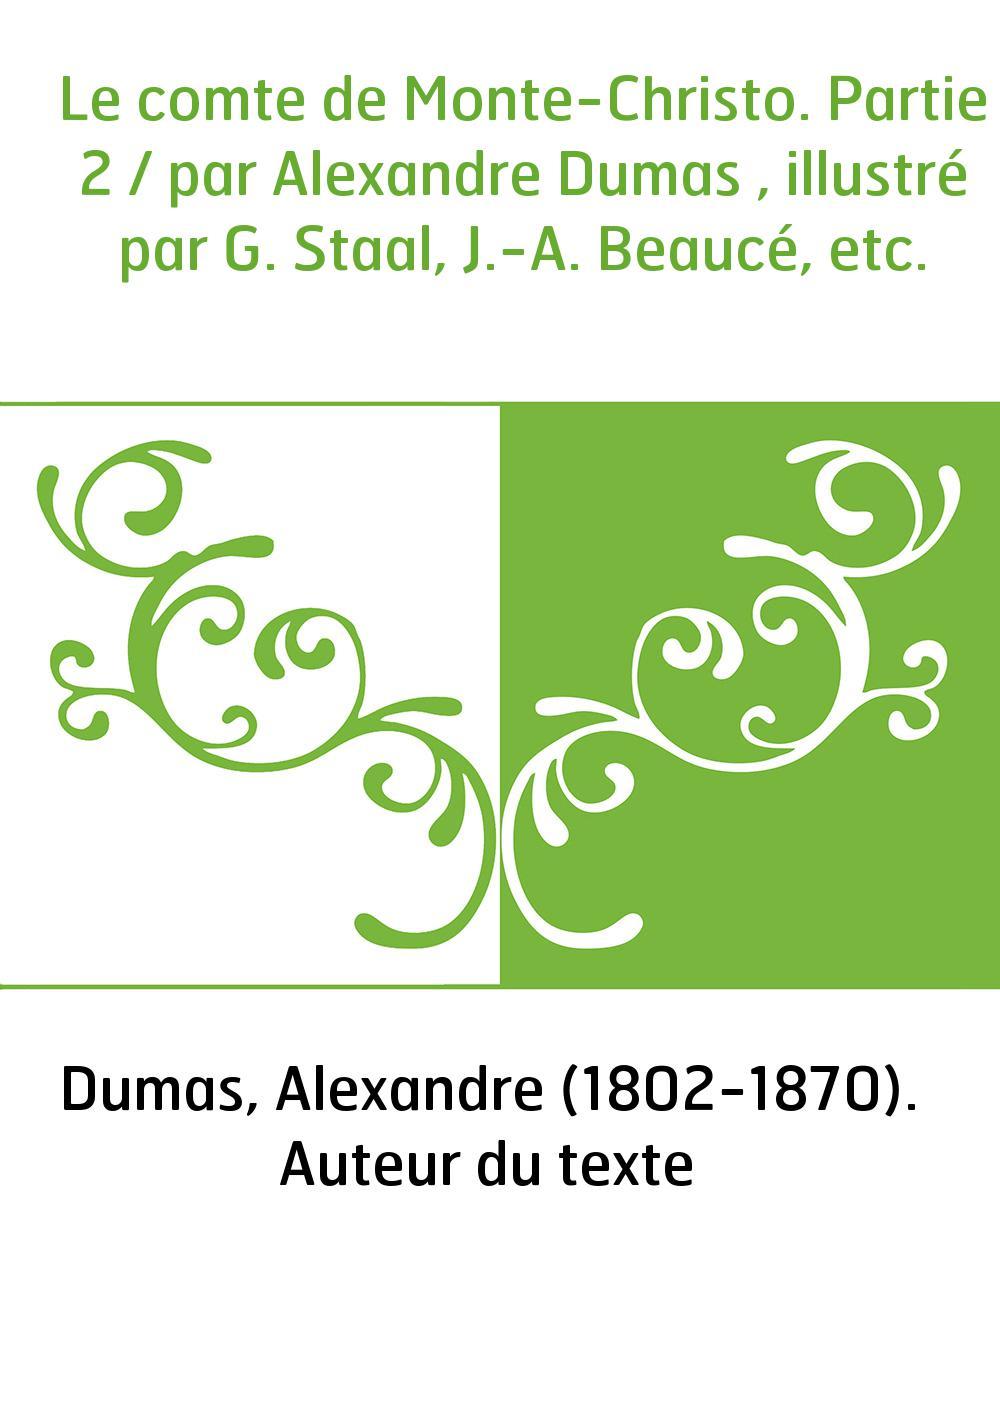 Le comte de Monte-Christo. Partie 2 / par Alexandre Dumas , illustré par G. Staal, J.-A. Beaucé, etc.